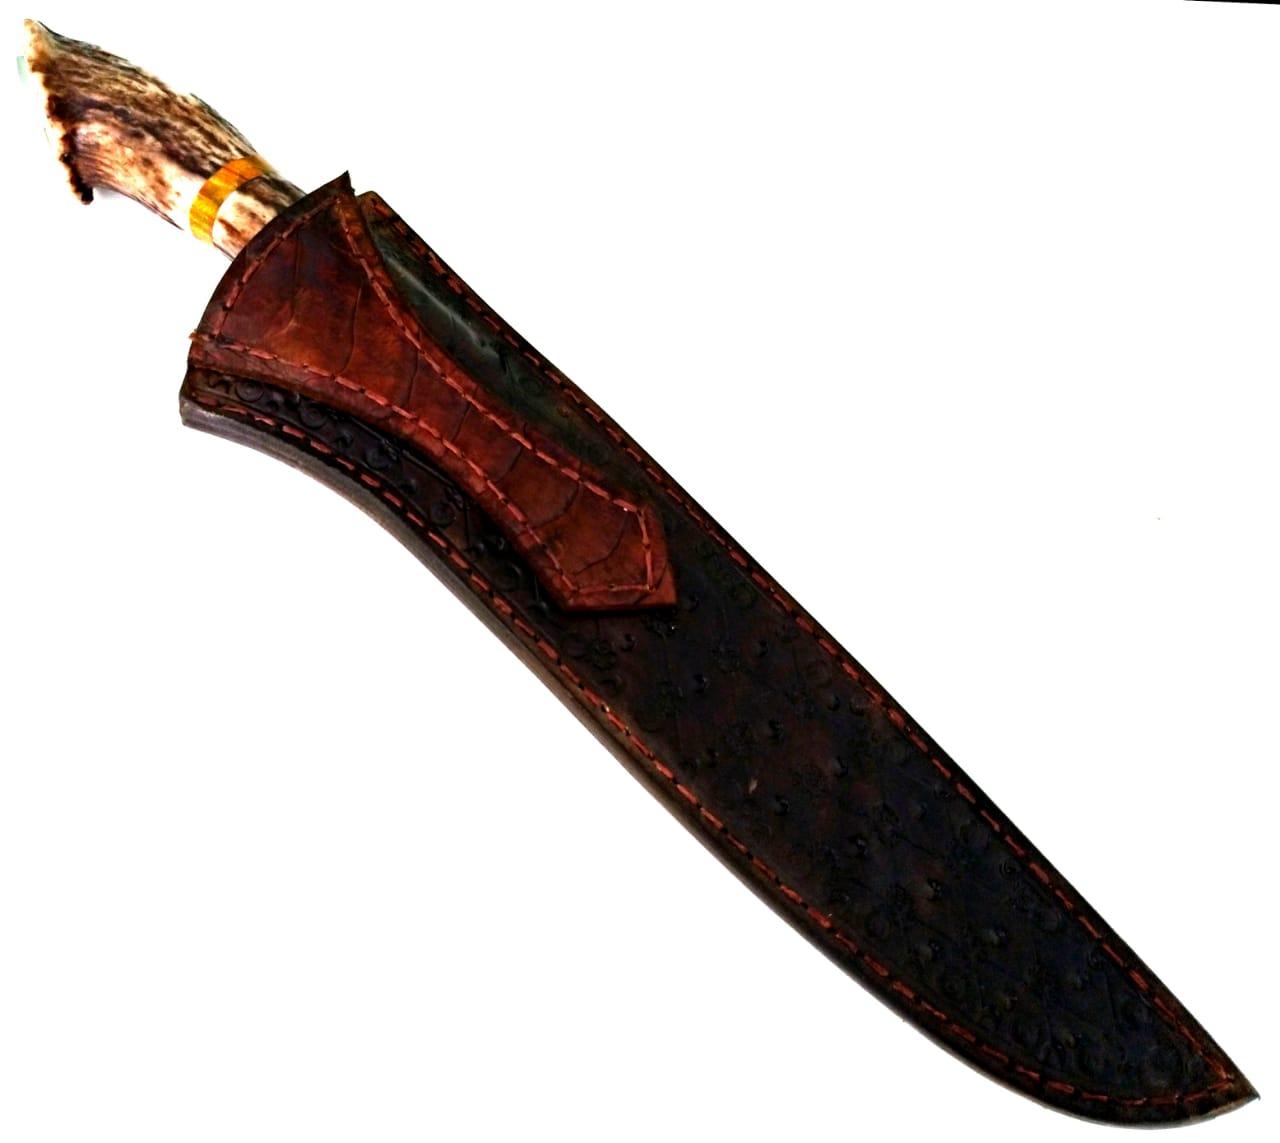 Faca artesanal campeira forjada em aço de damasco axis coroado 8 polegadas